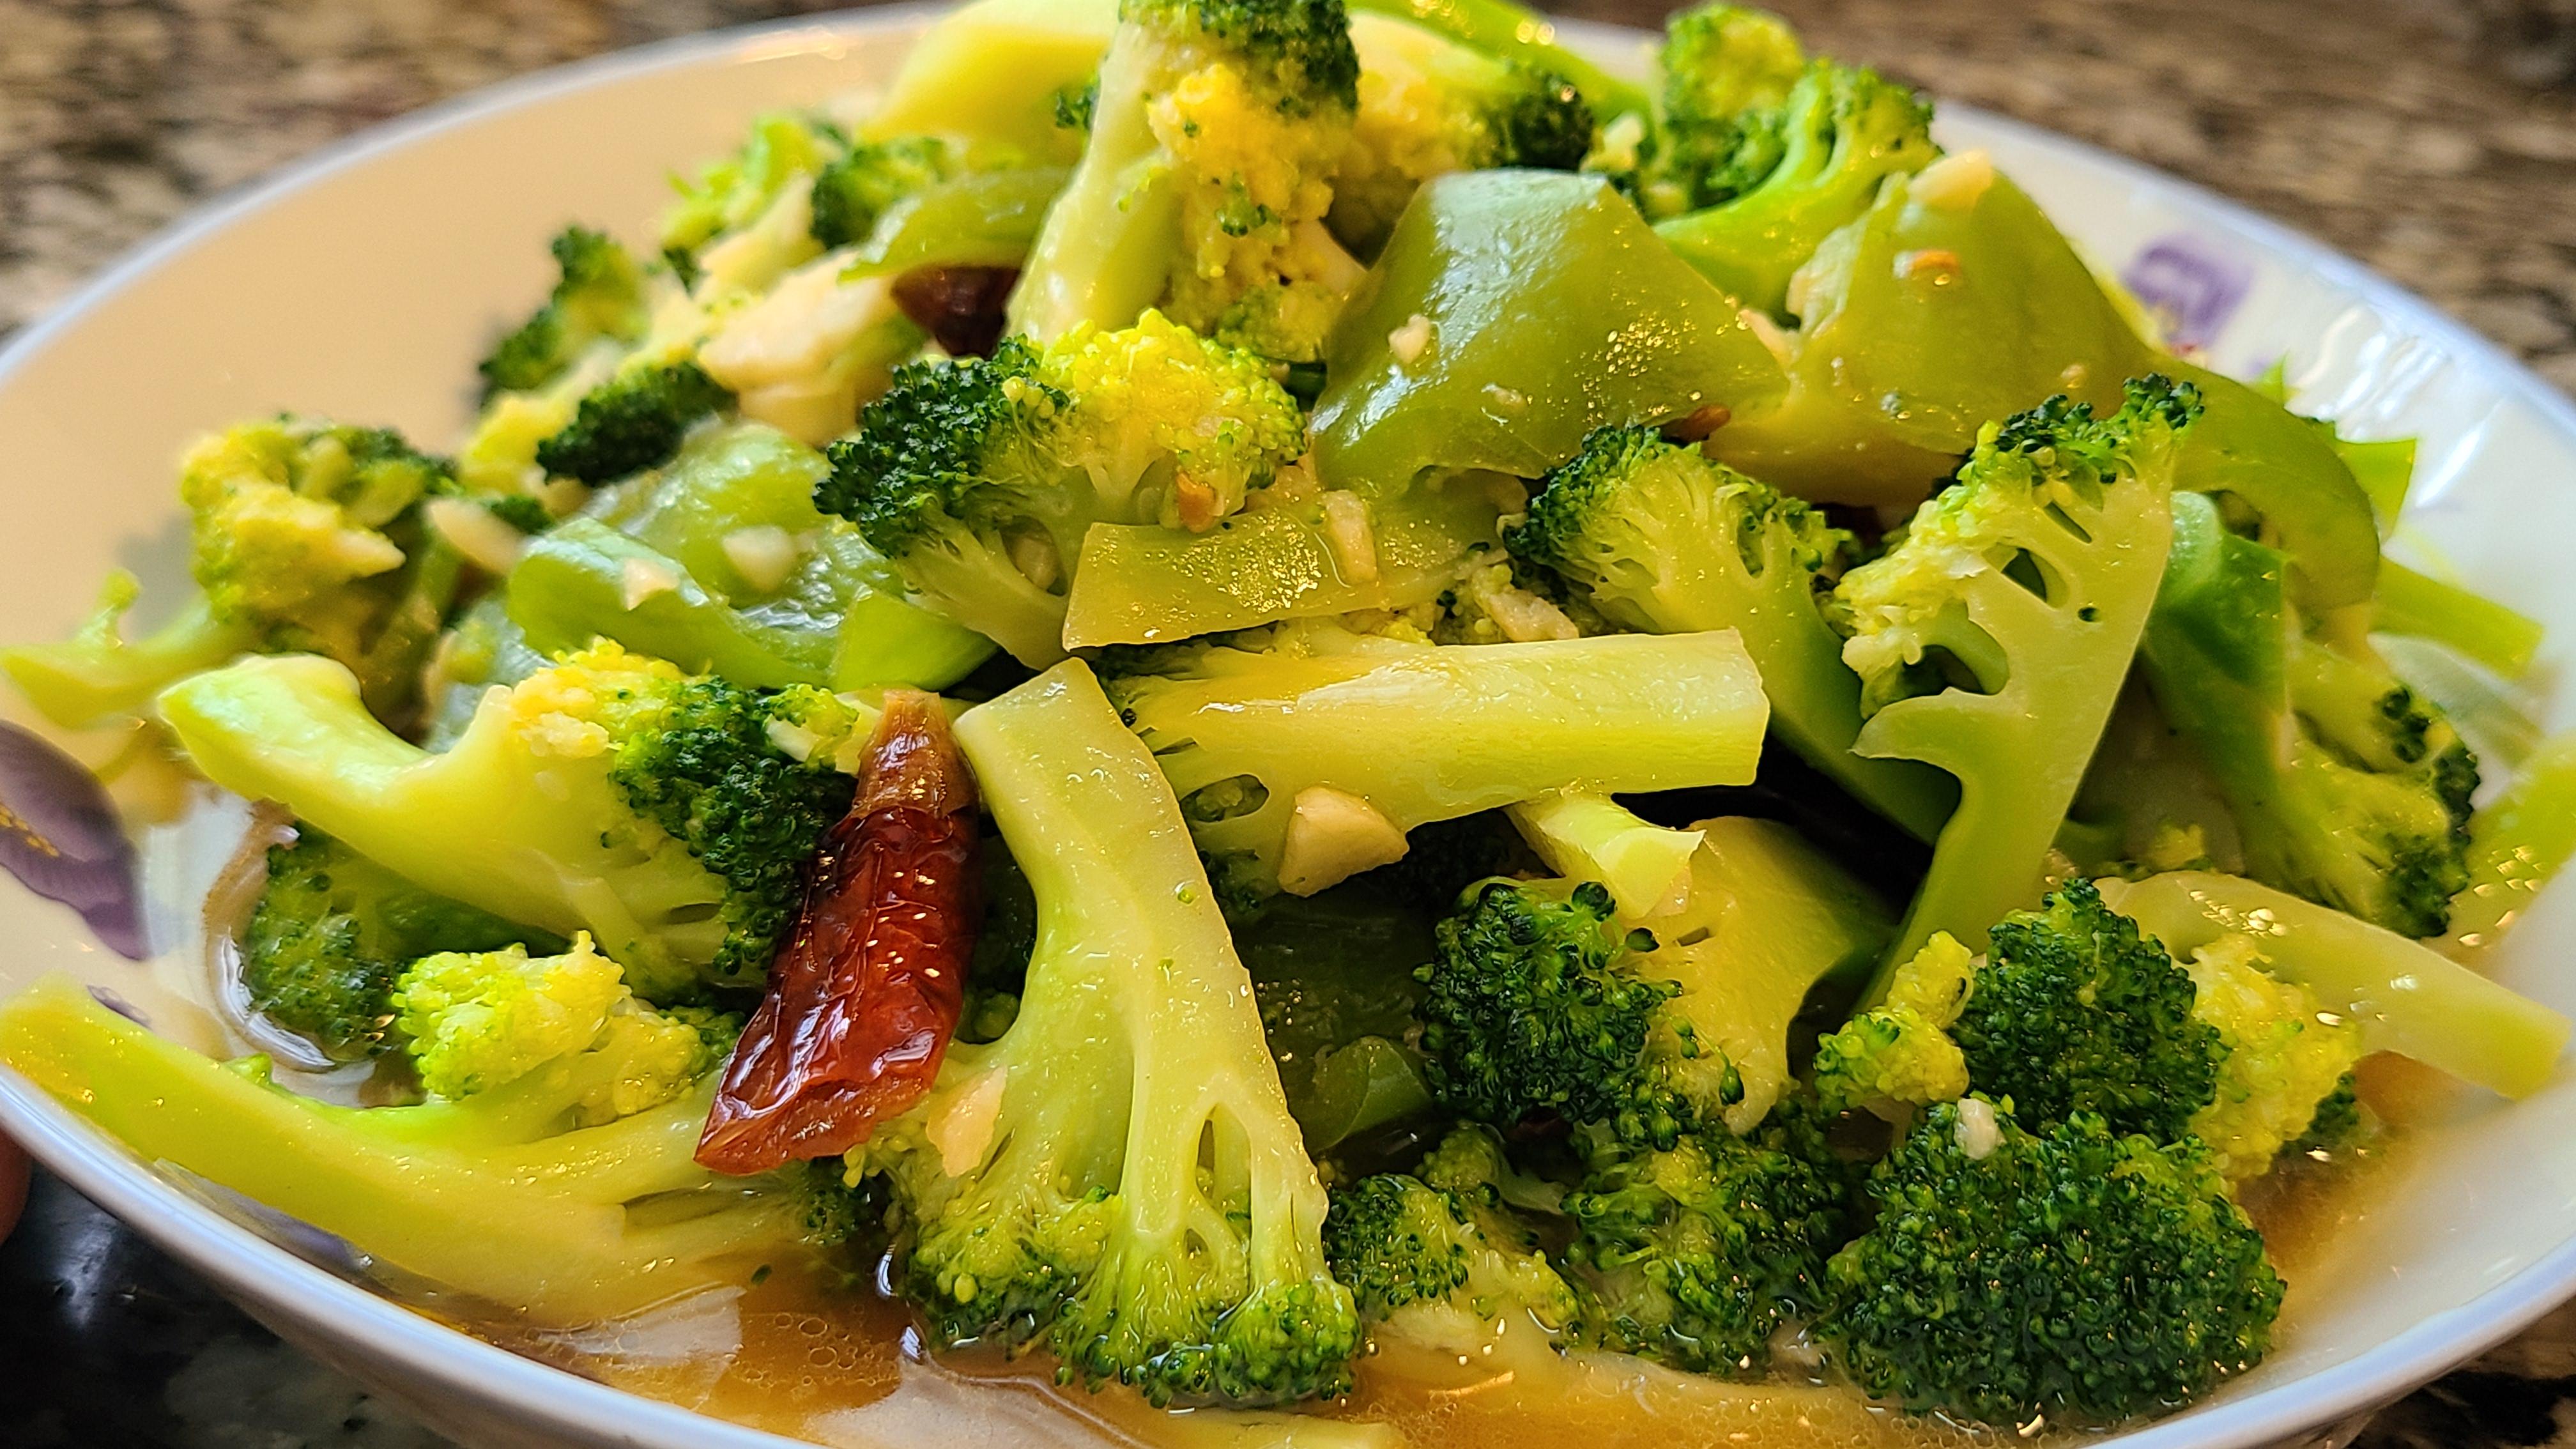 蒜蓉西蘭花,清淡好吃,做法很簡單,多吃蔬菜對身體好